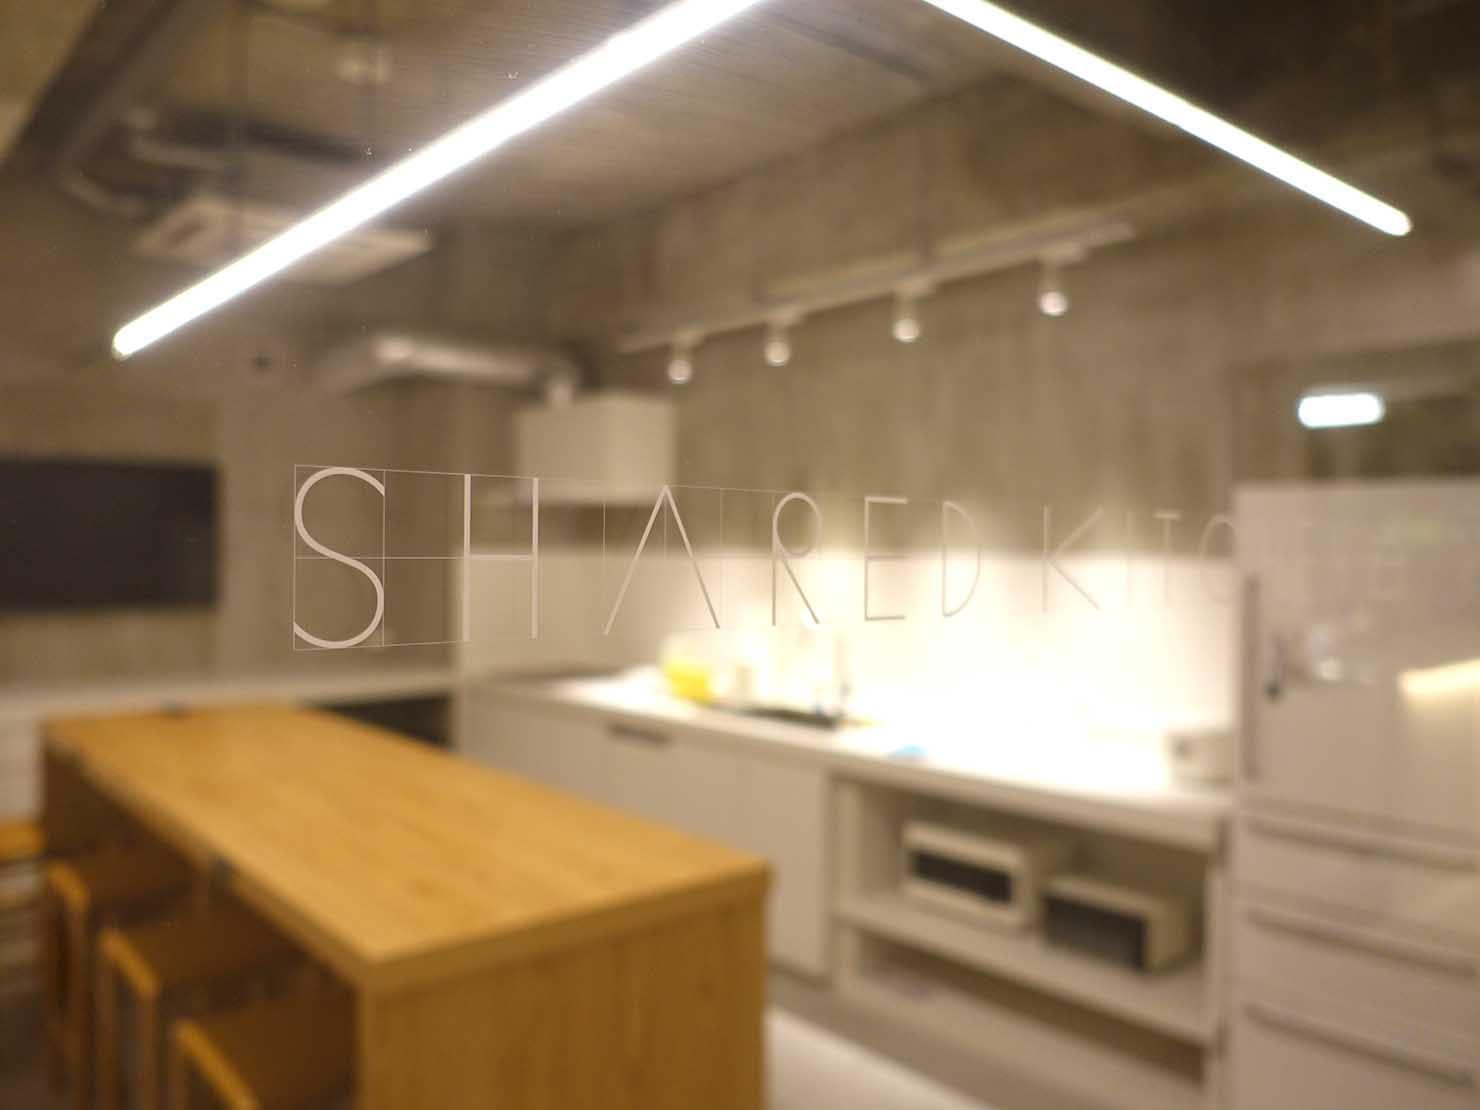 広島・八丁堀のおしゃれなリノベホテル「KIRO広島 The Share Hotels」のシェアキッチン